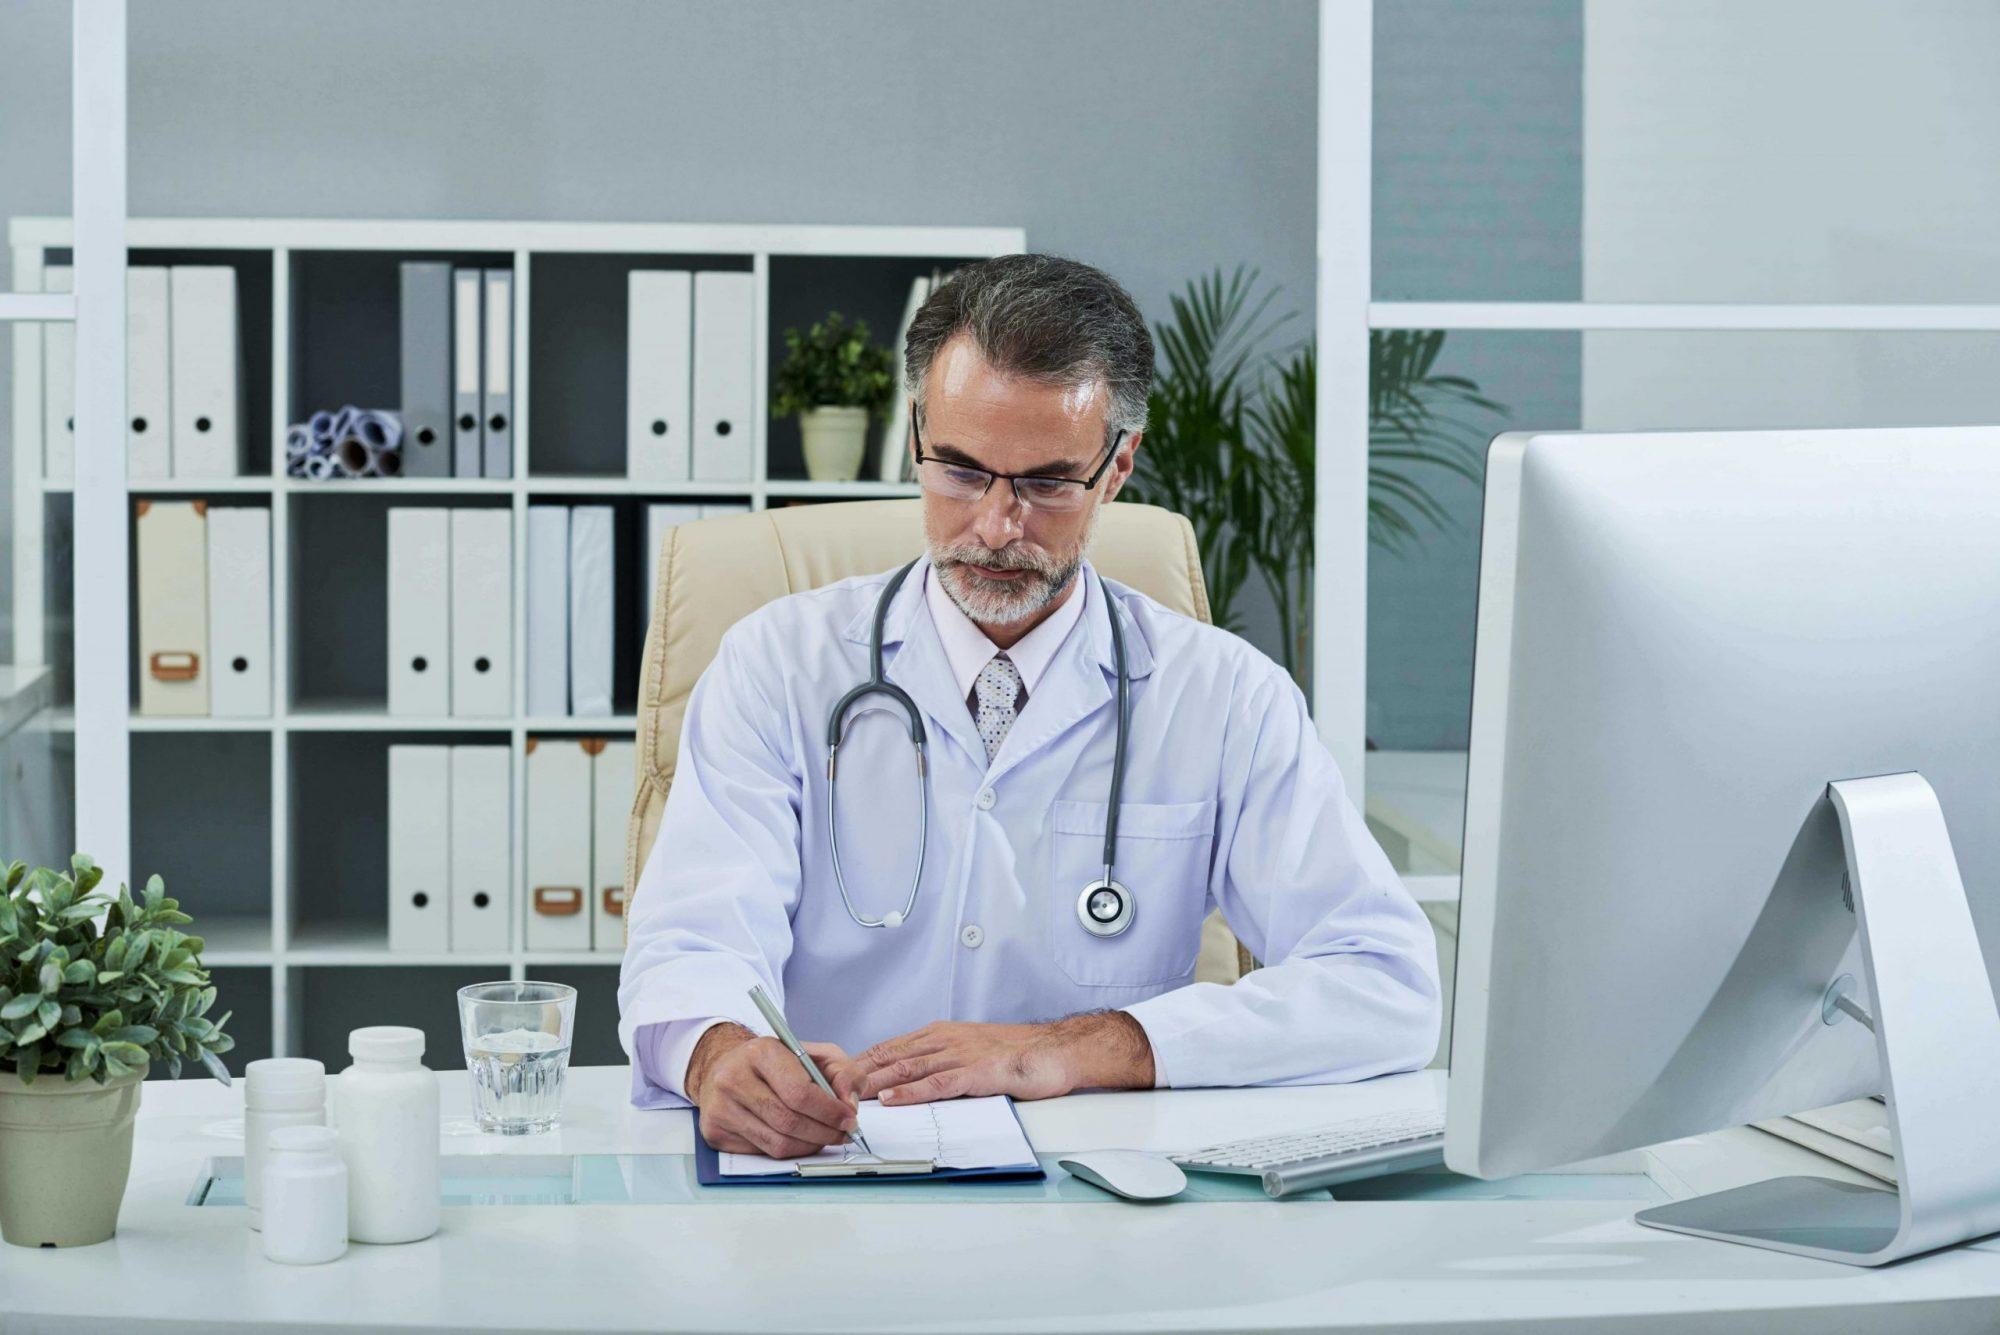 medico-studio-scheda-pazienti-organizzazione-gestione-struttura medica